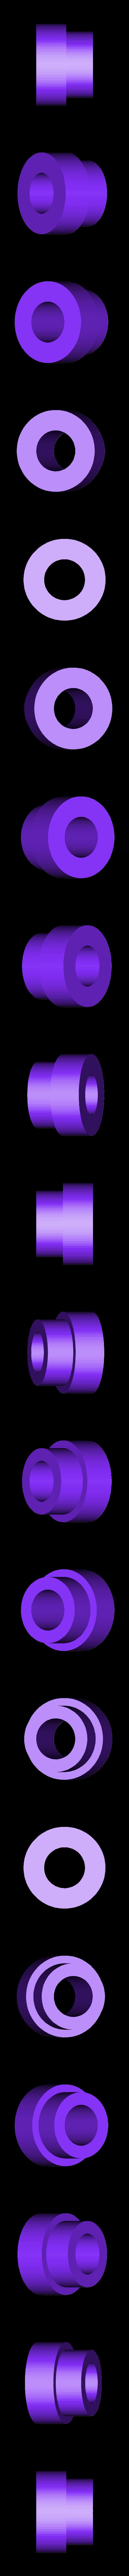 Wire.stl Télécharger fichier OBJ gratuit Enregistrement de la lumière • Plan à imprimer en 3D, matheuservilha